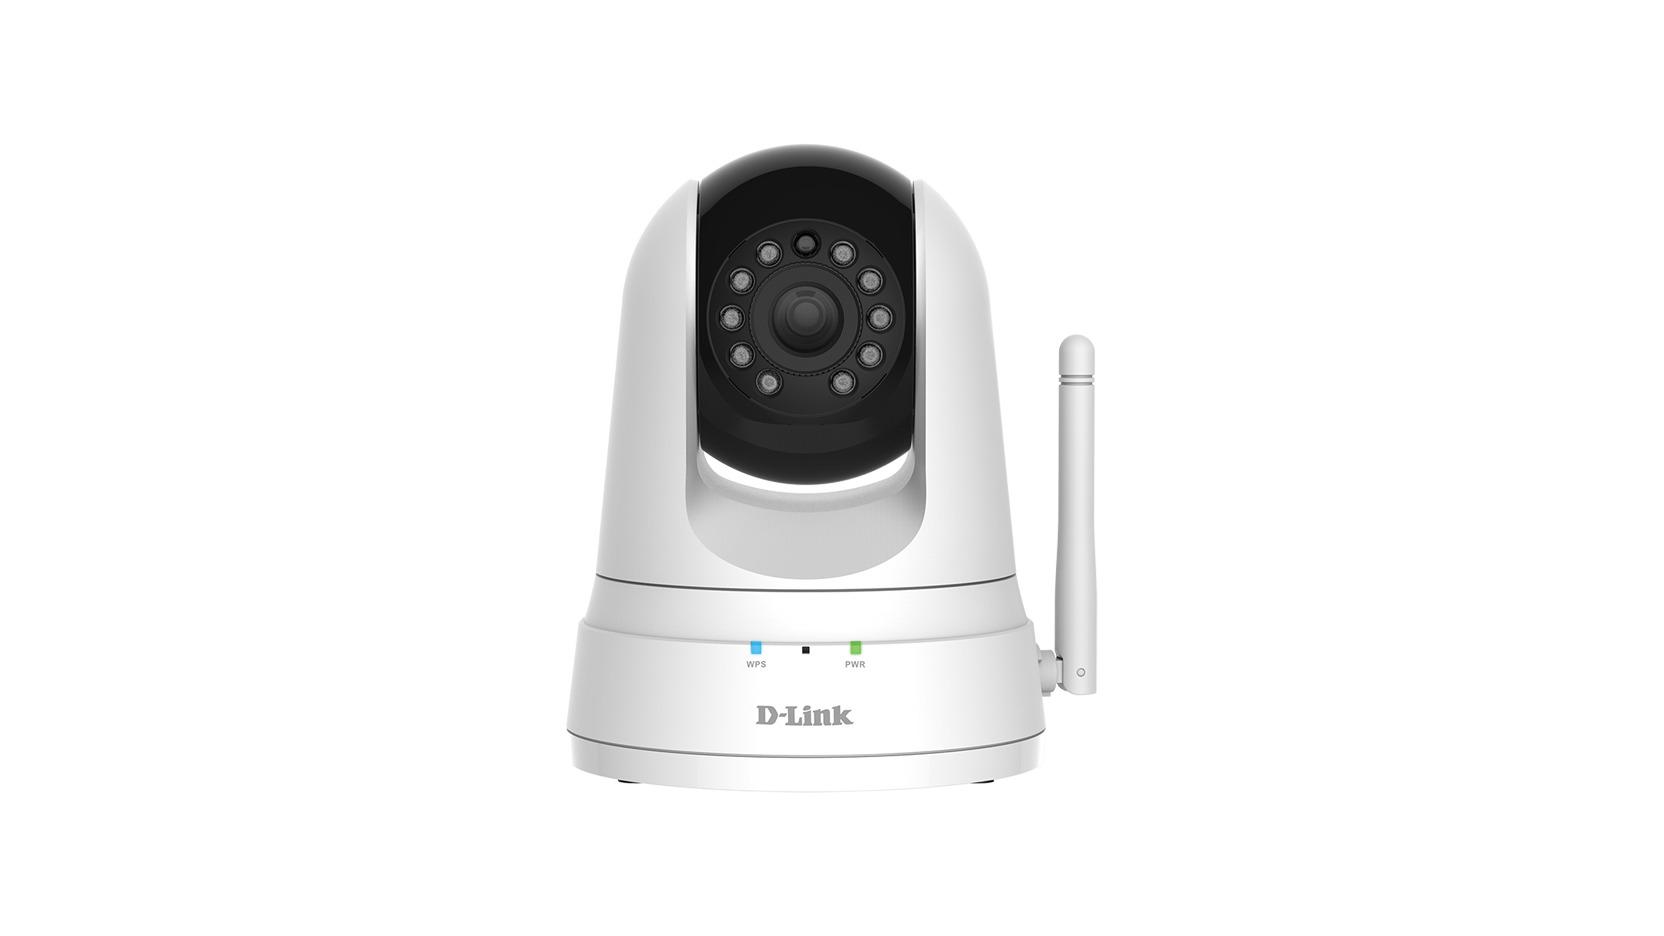 D-Link tv accessoire DCS-5000L